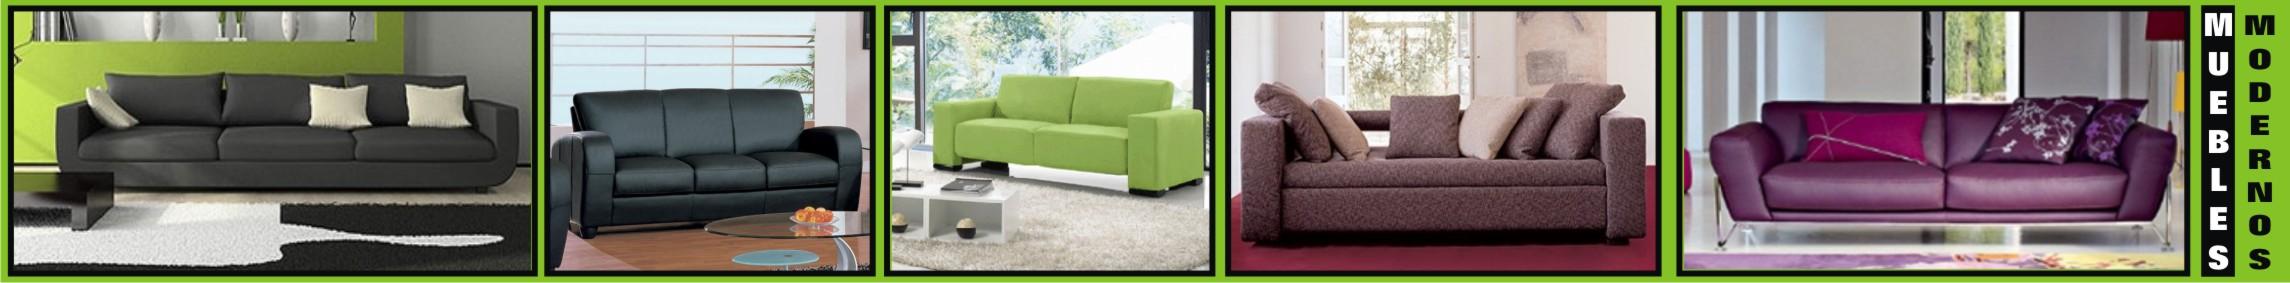 Muebles modernos gama reynosa for Muebles de oficina nuevo laredo